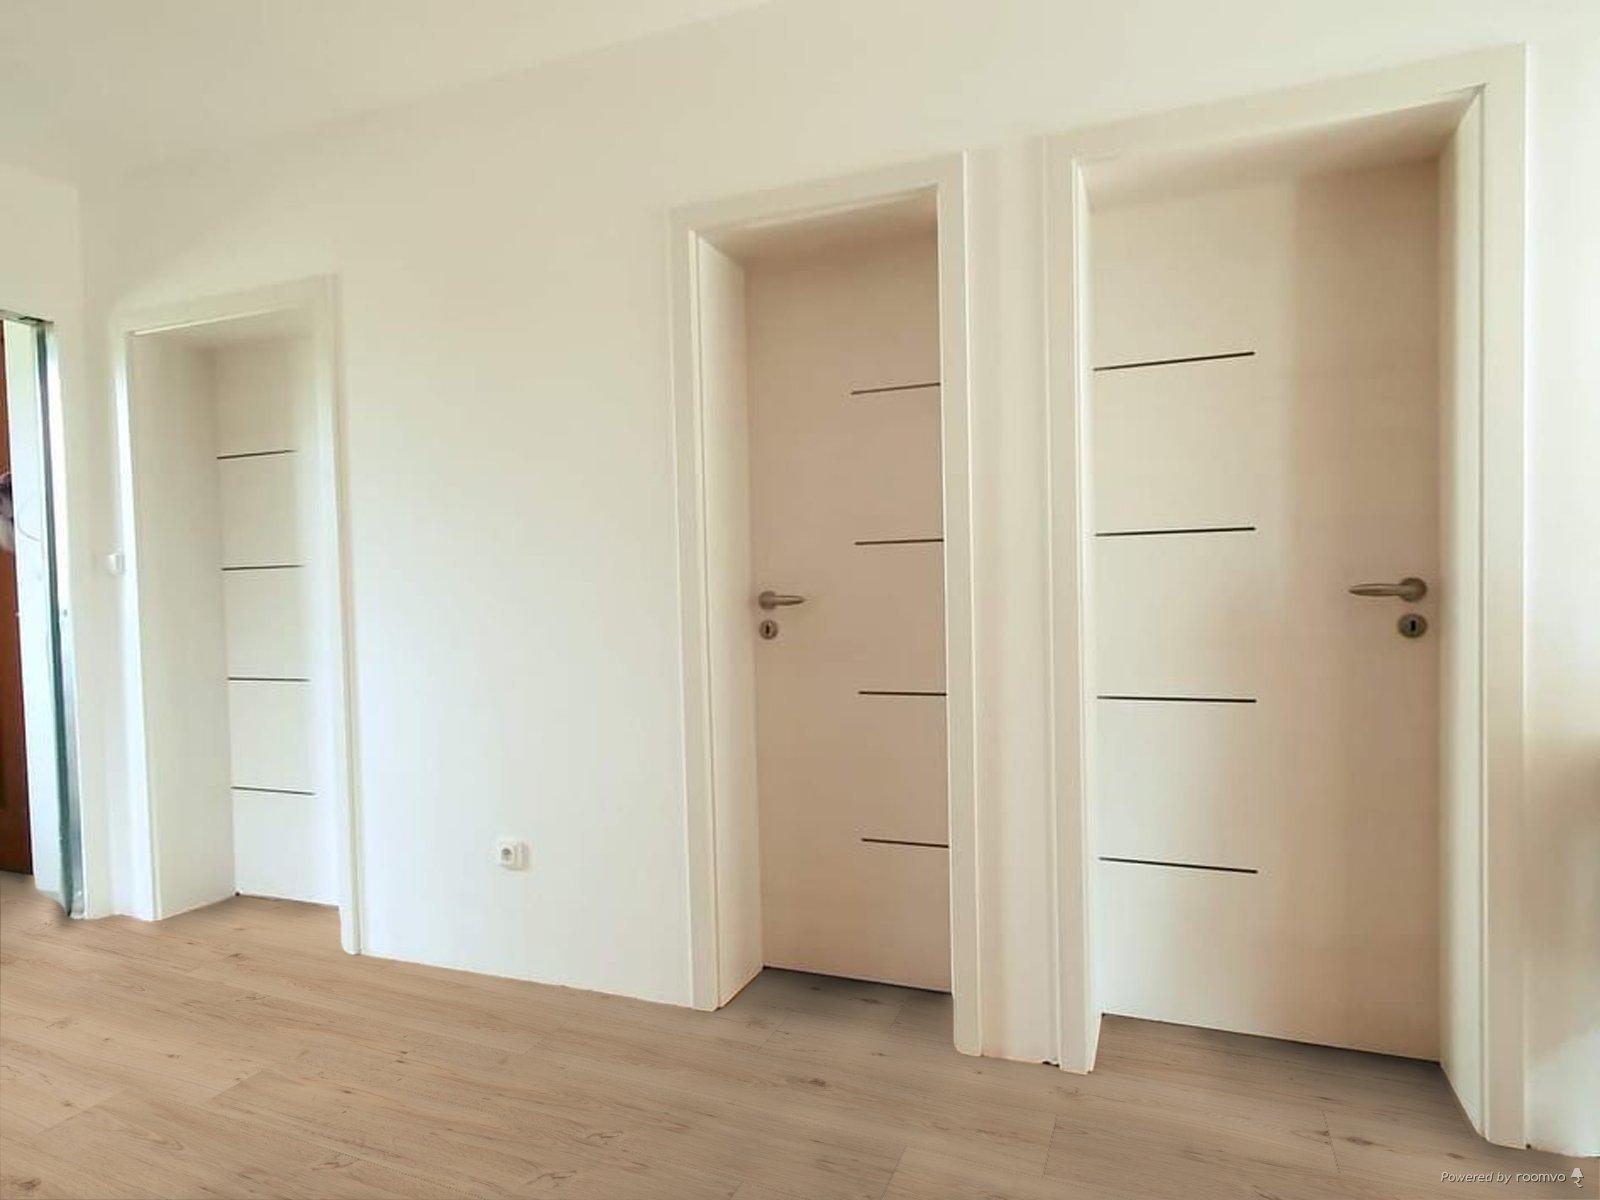 Co vyberem za dvere? - Obrázek č. 28